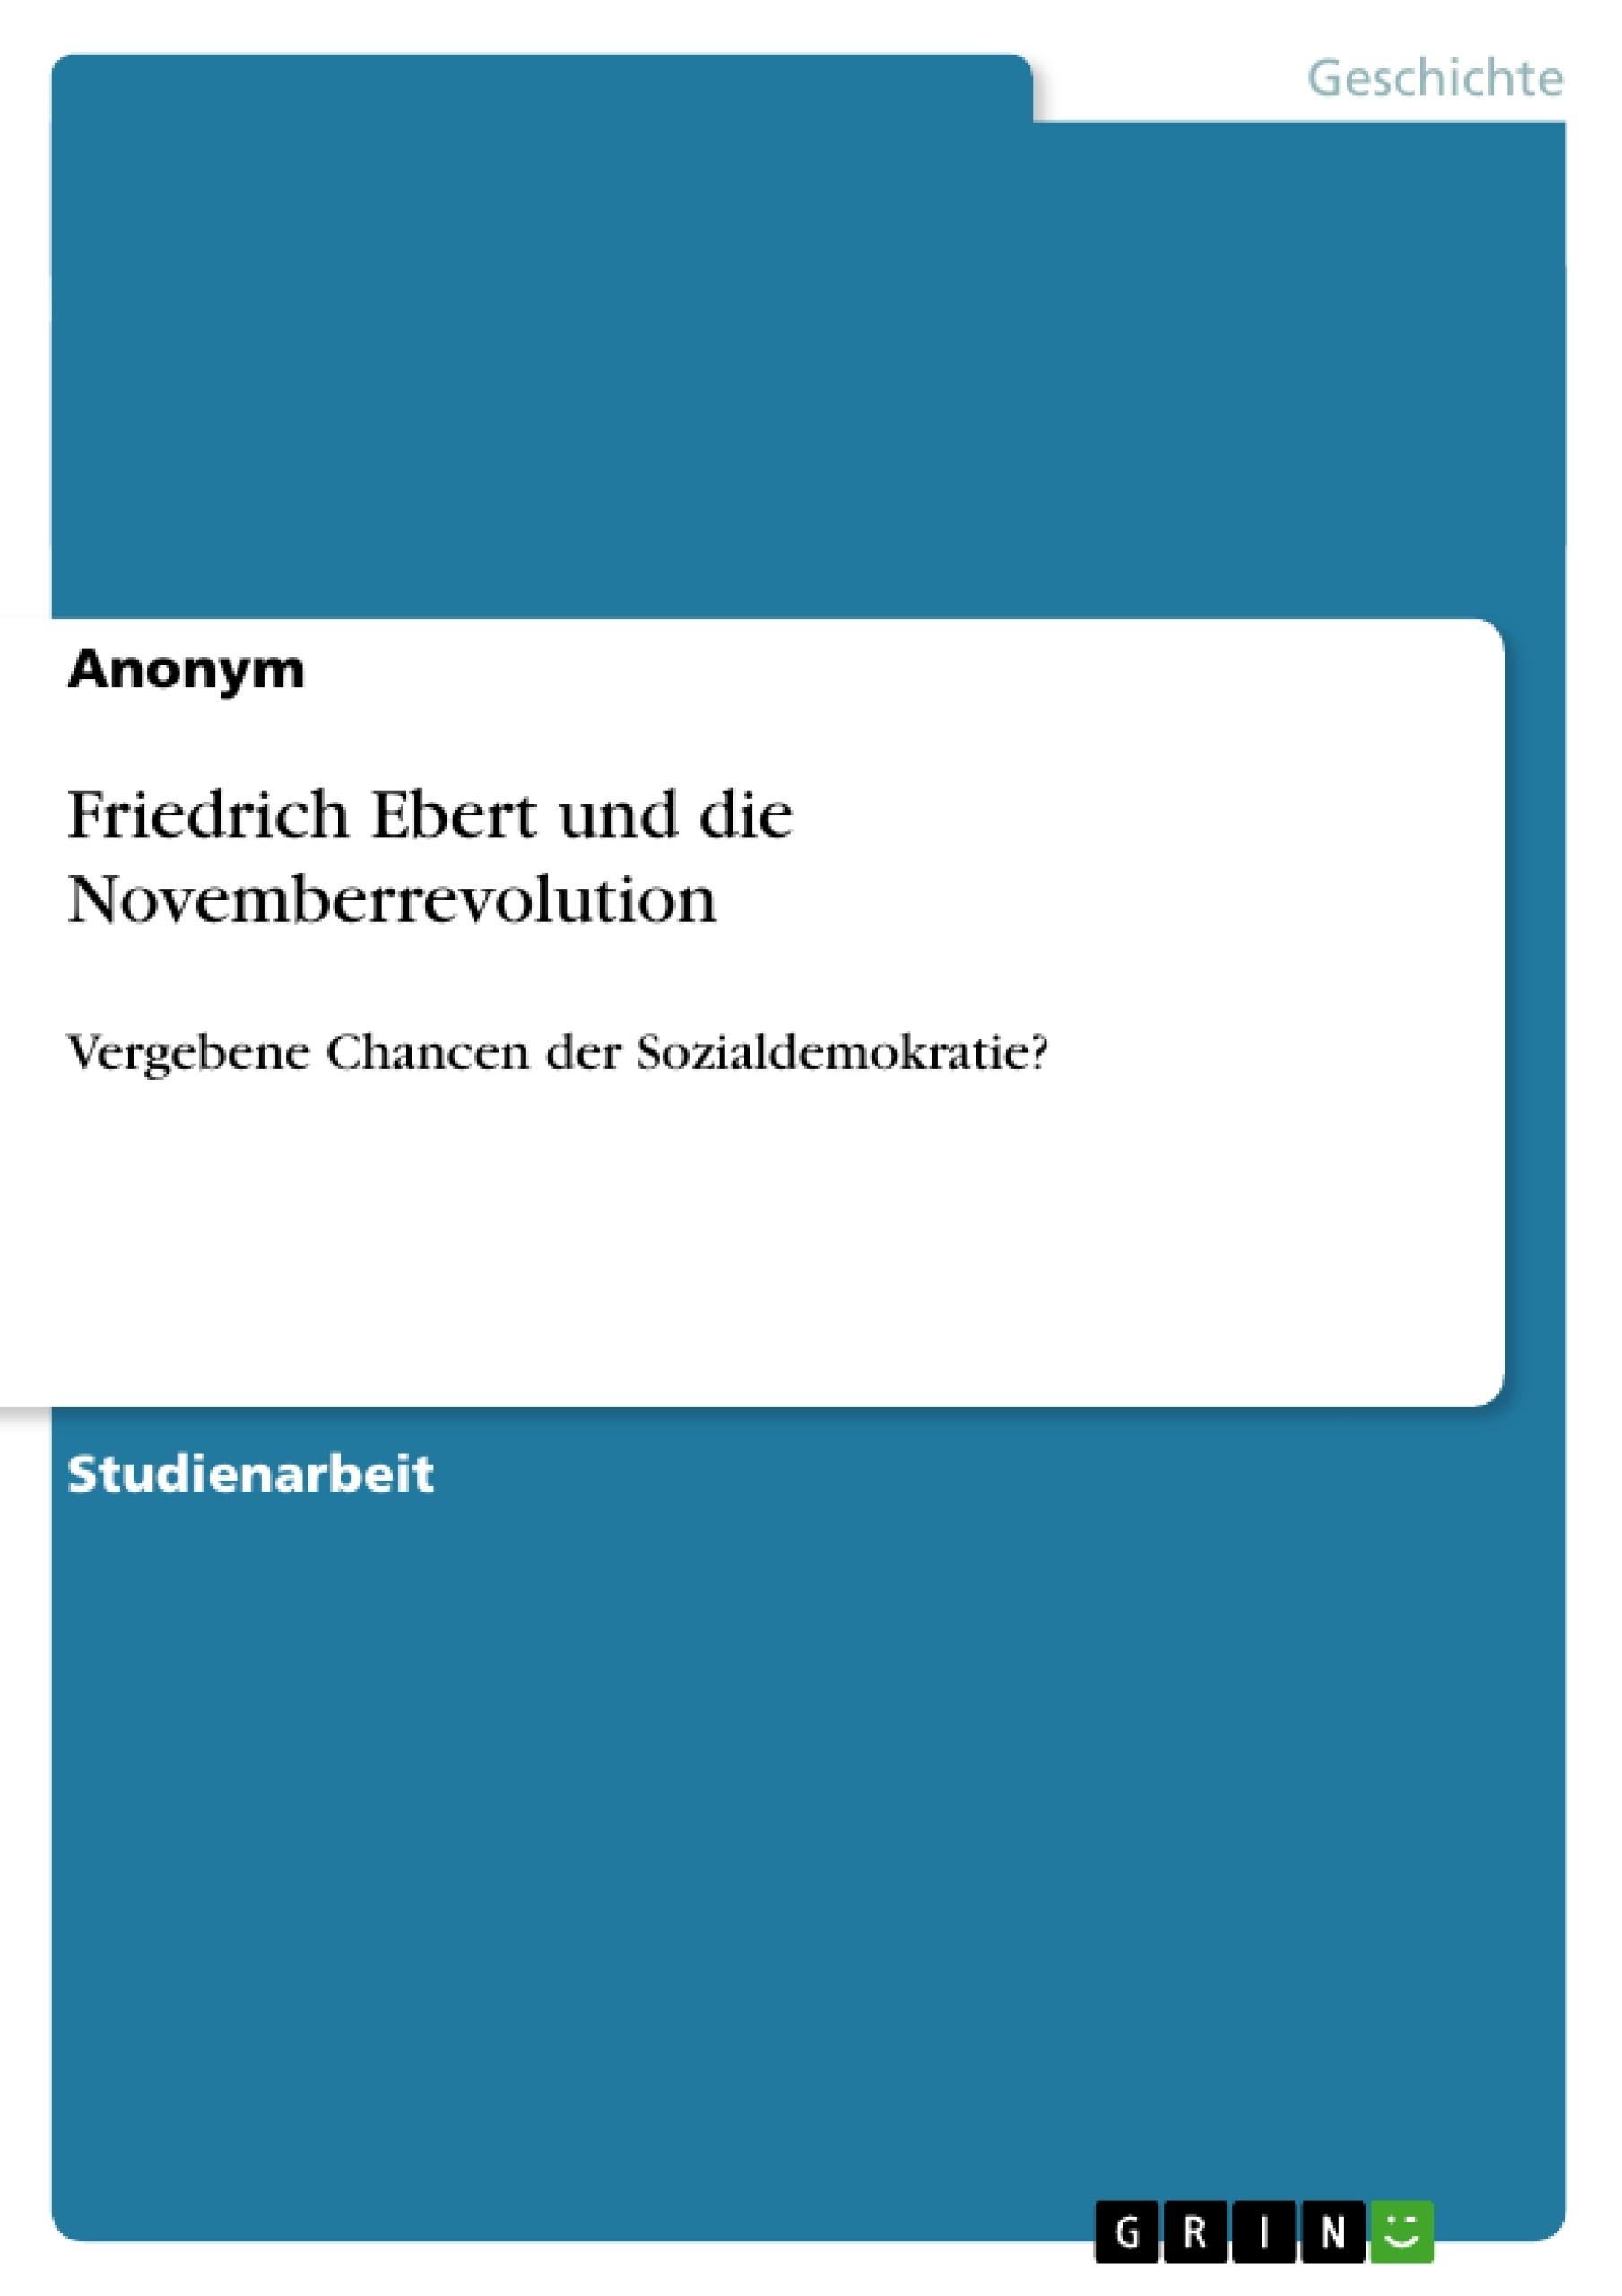 Titel: Friedrich Ebert und die Novemberrevolution